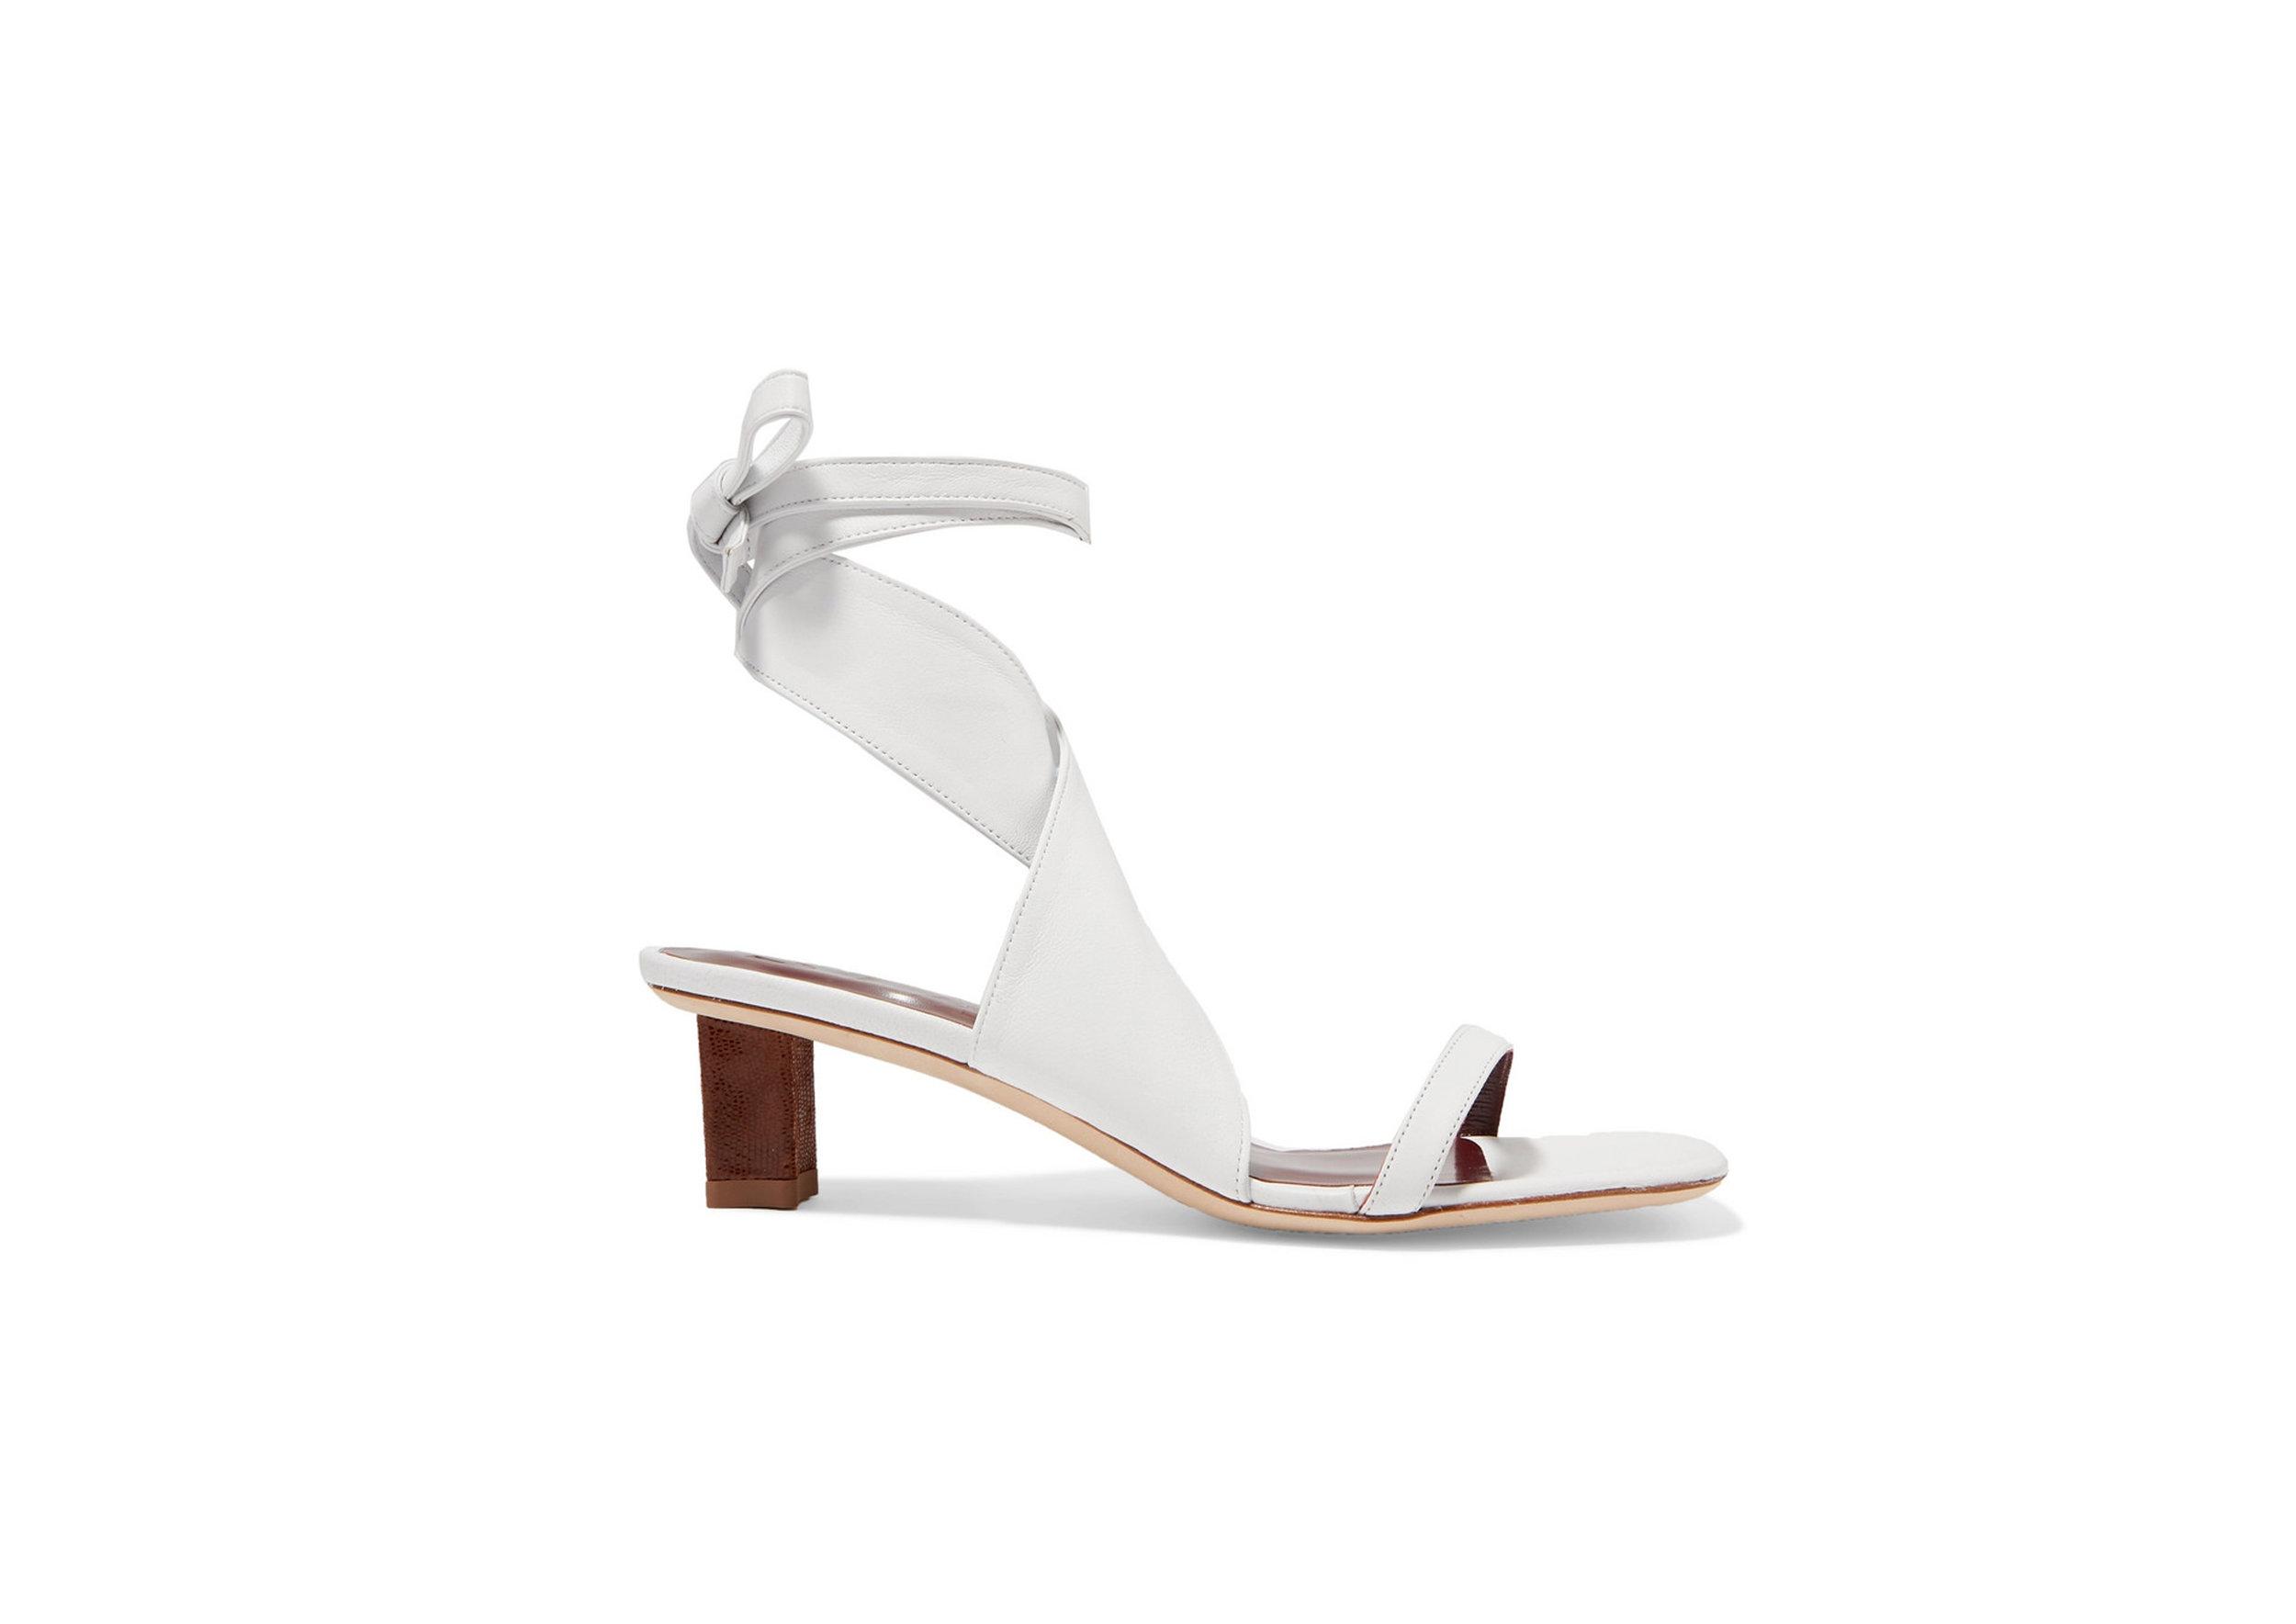 Staud - Rui Leather Sandals, SGD 452